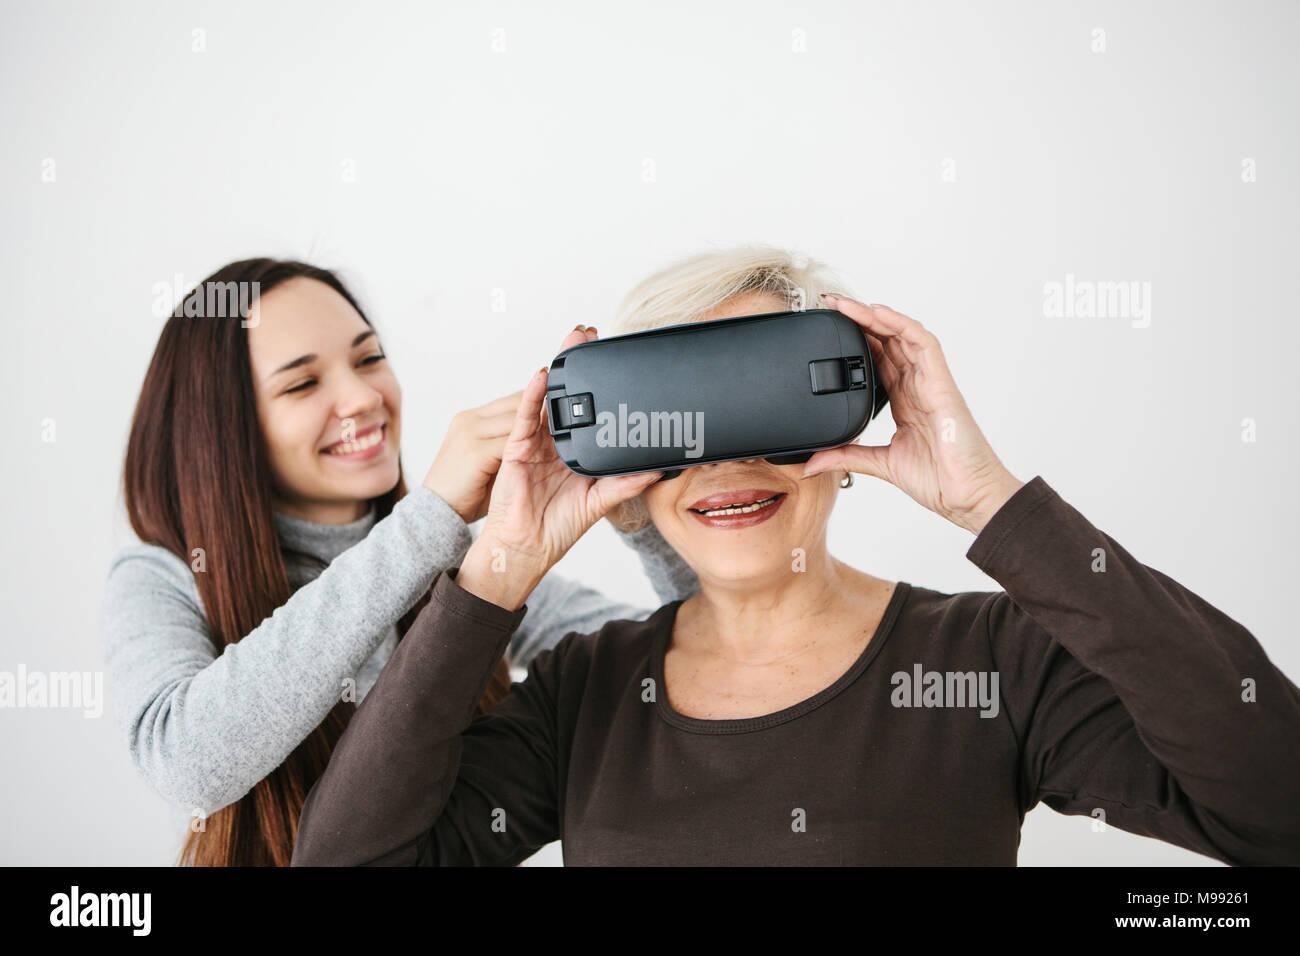 Une jeune fille explique à une femme âgée comment utiliser des lunettes de réalité virtuelle. L'ancienne génération et les nouvelles technologies. Photo Stock